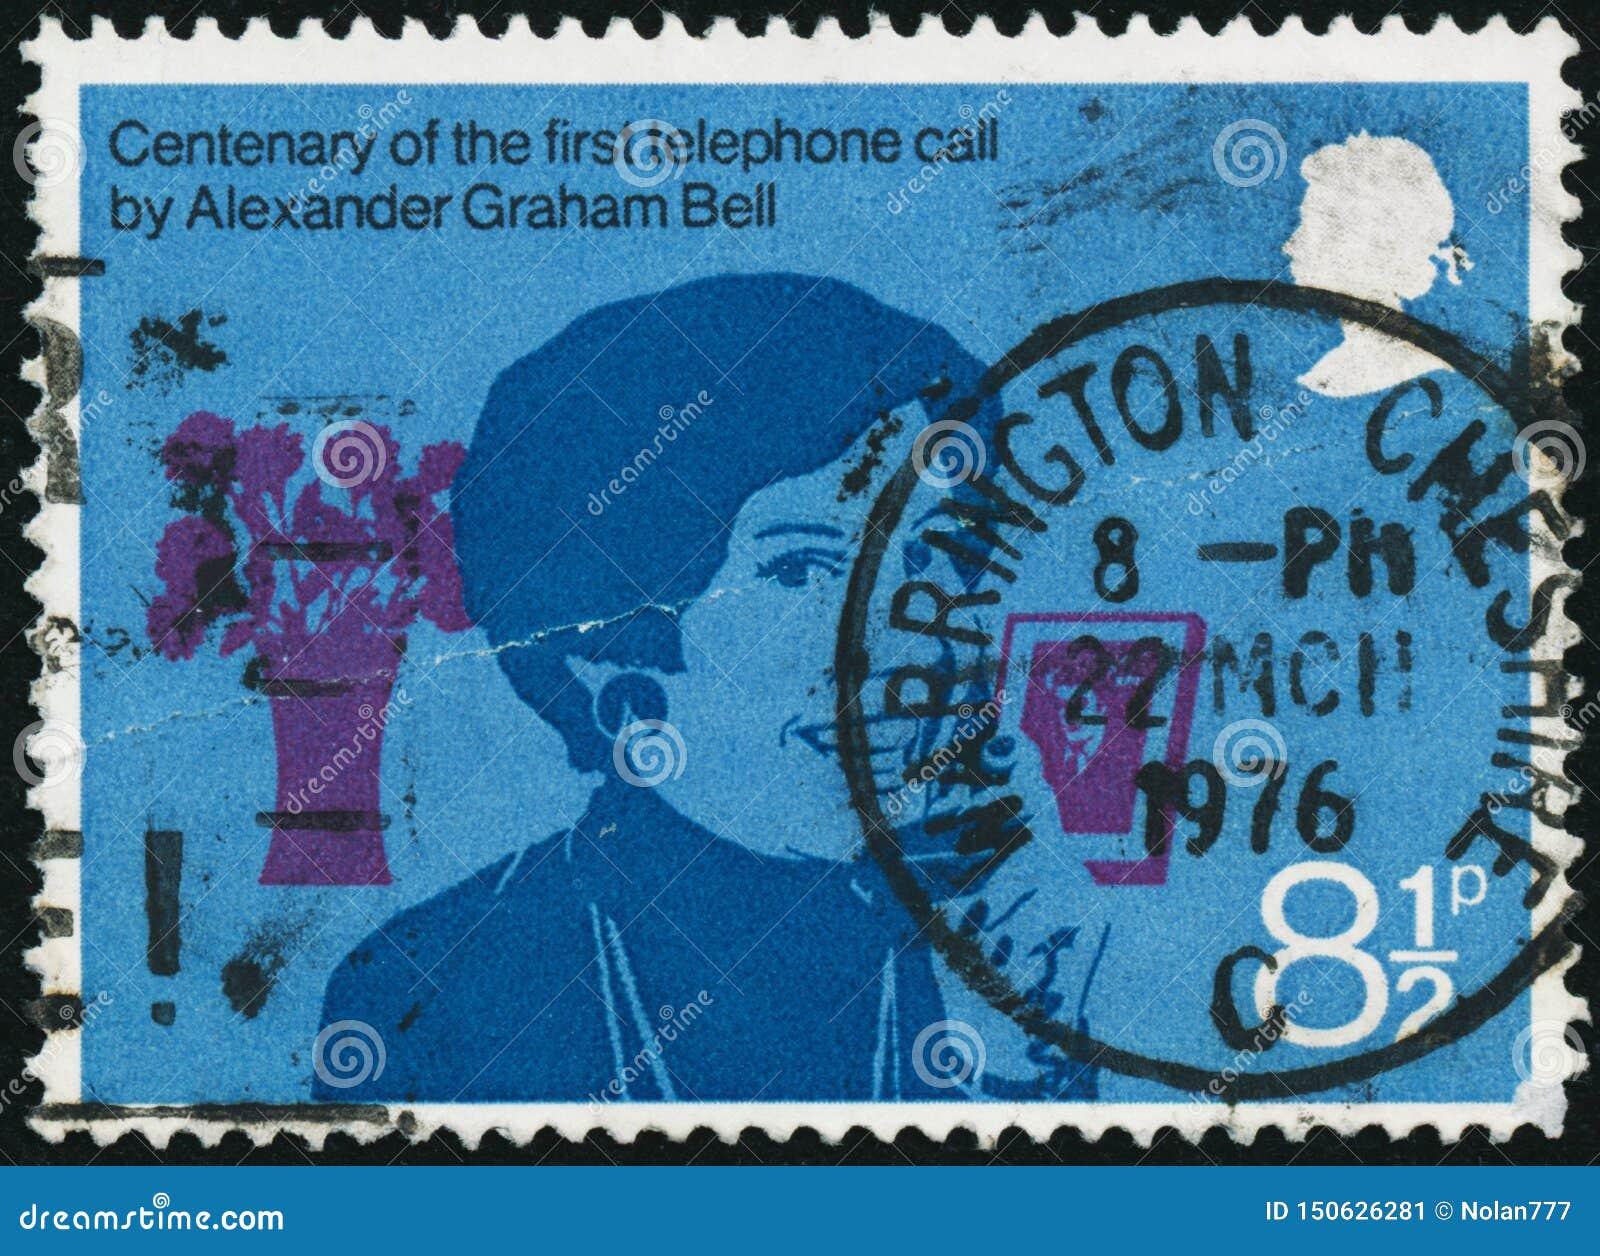 Le timbre de cru imprimé en Grande-Bretagne 1976 montre le 100th anniversaire du premier appel téléphonique par Bell